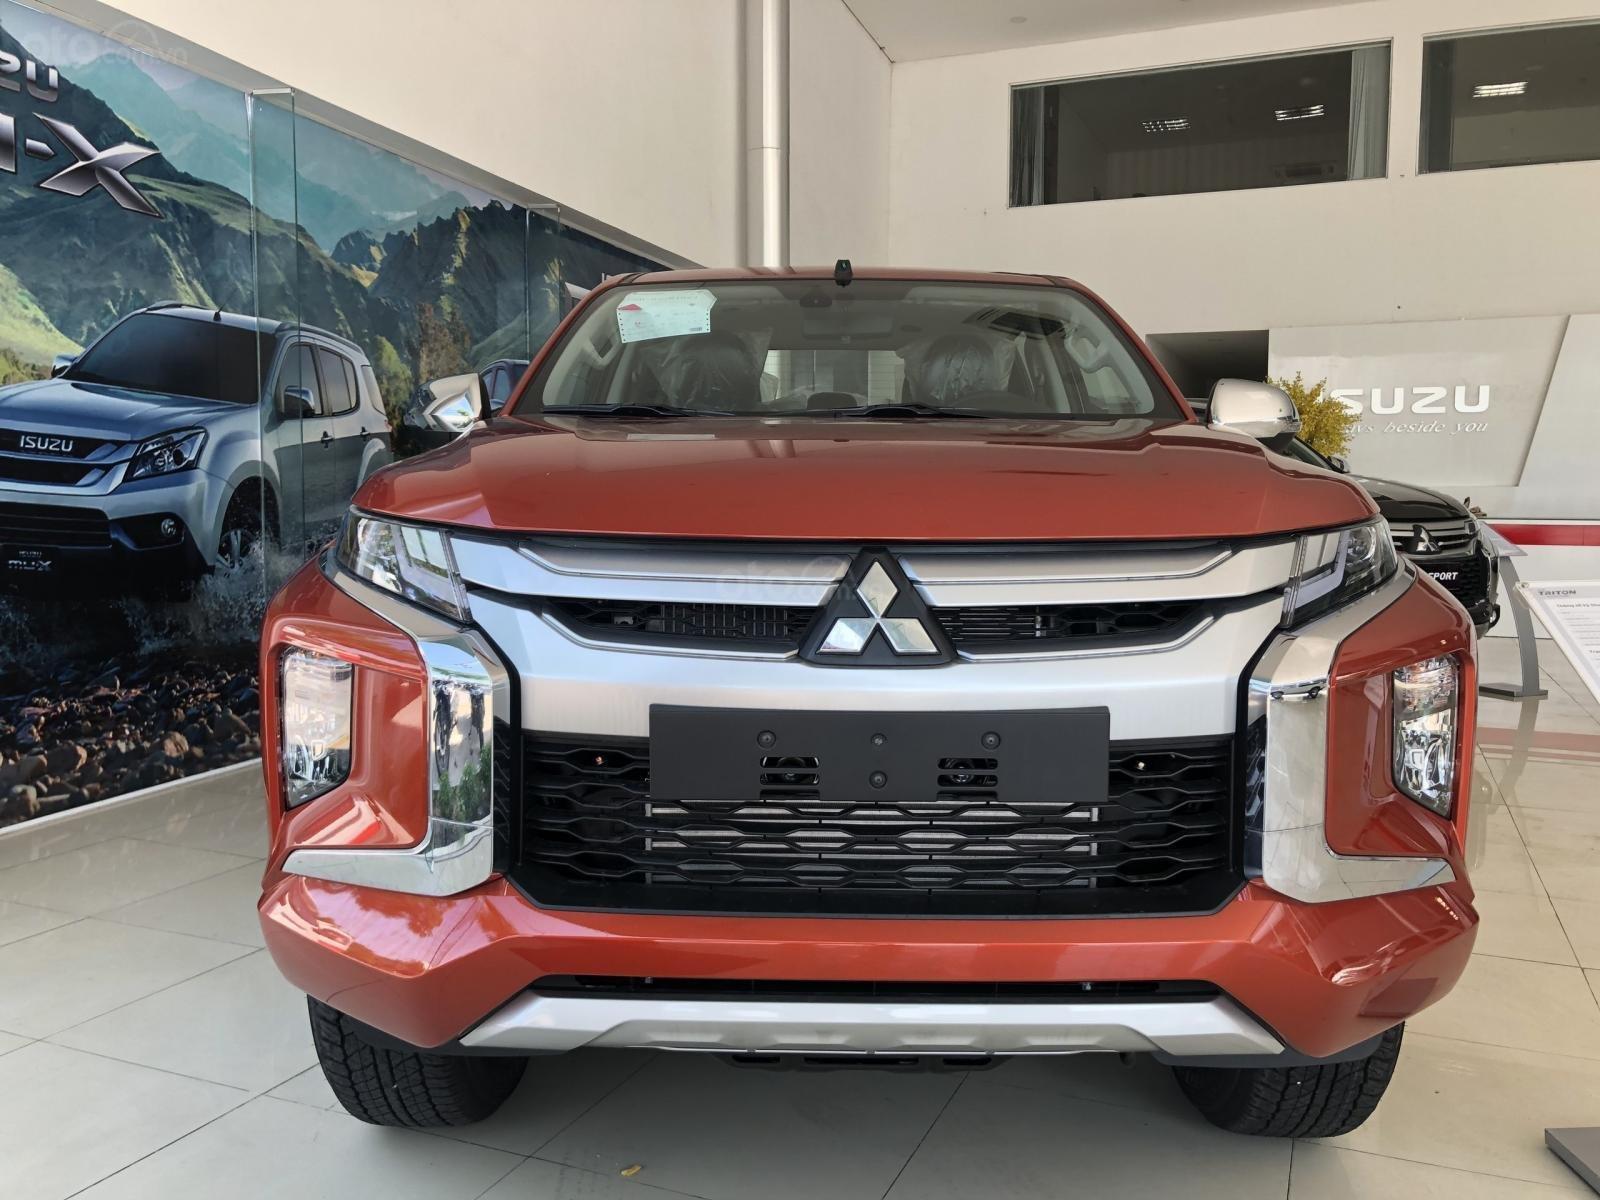 Bán Mitsubishi Outlander 2019, giá chỉ 730tr, hỗ trợ trả góp 80% giá trị xe, chương trình khuyến mãi ưu đãi (1)